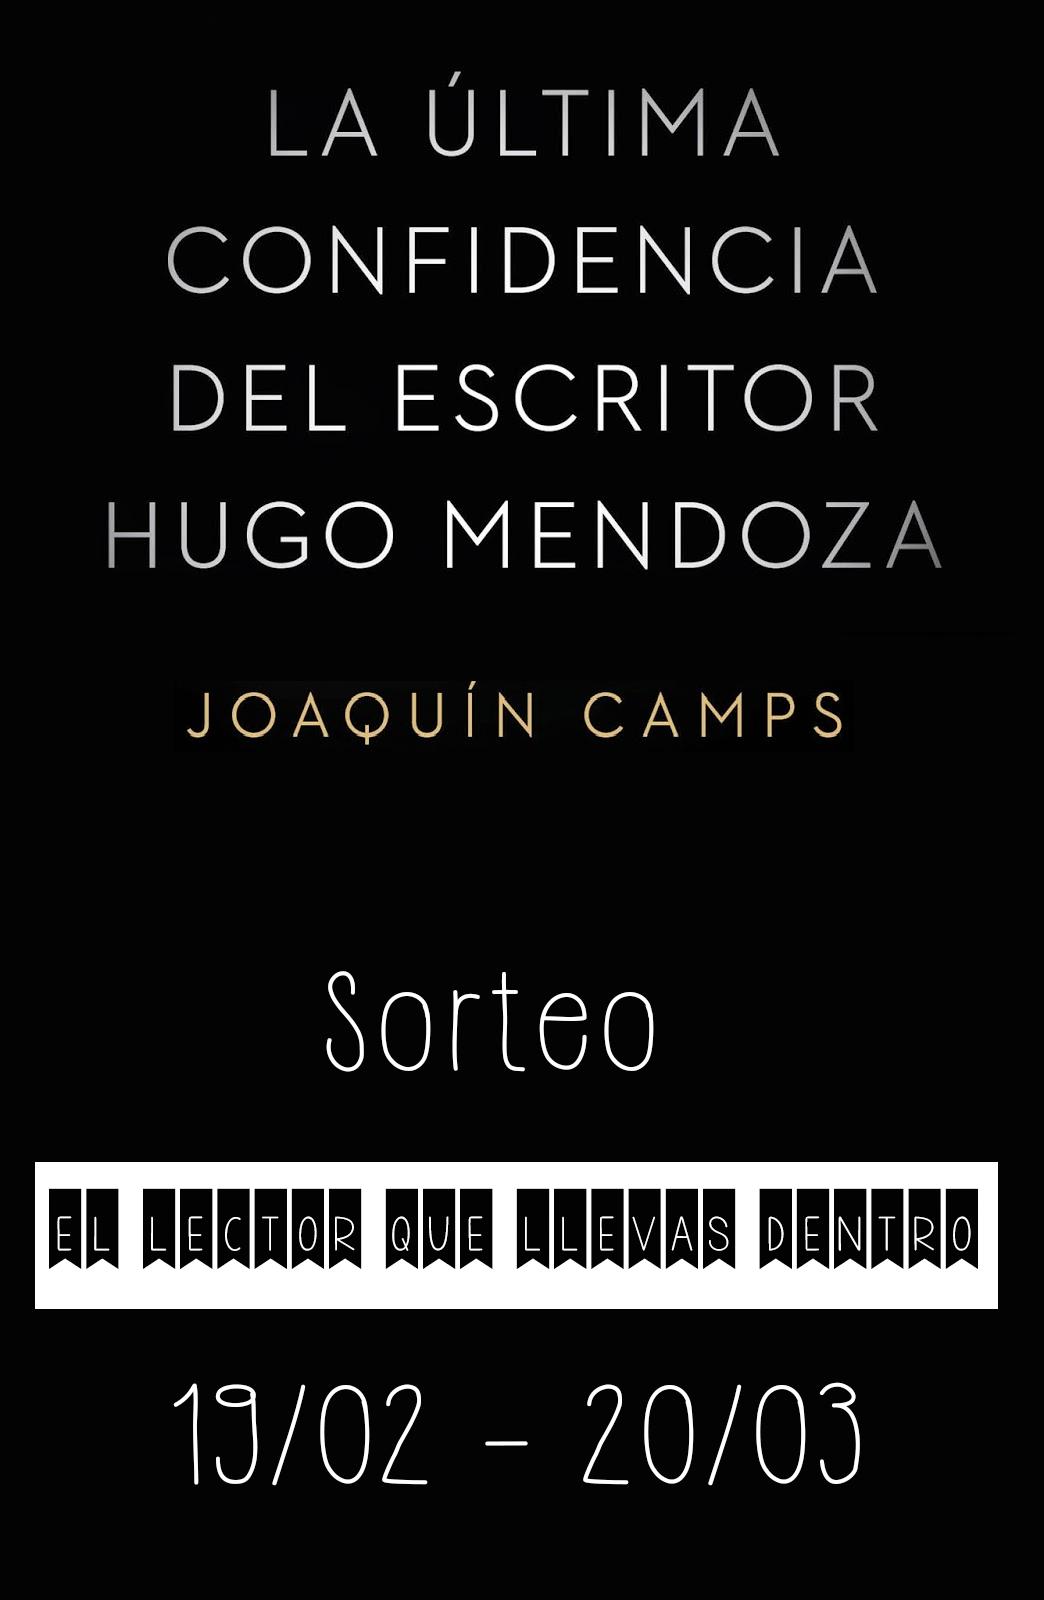 http://www.ellectorquellevasdentro.com/2015/02/sorteo-ultima-confidencia-escritor-hugo-mendoza.html